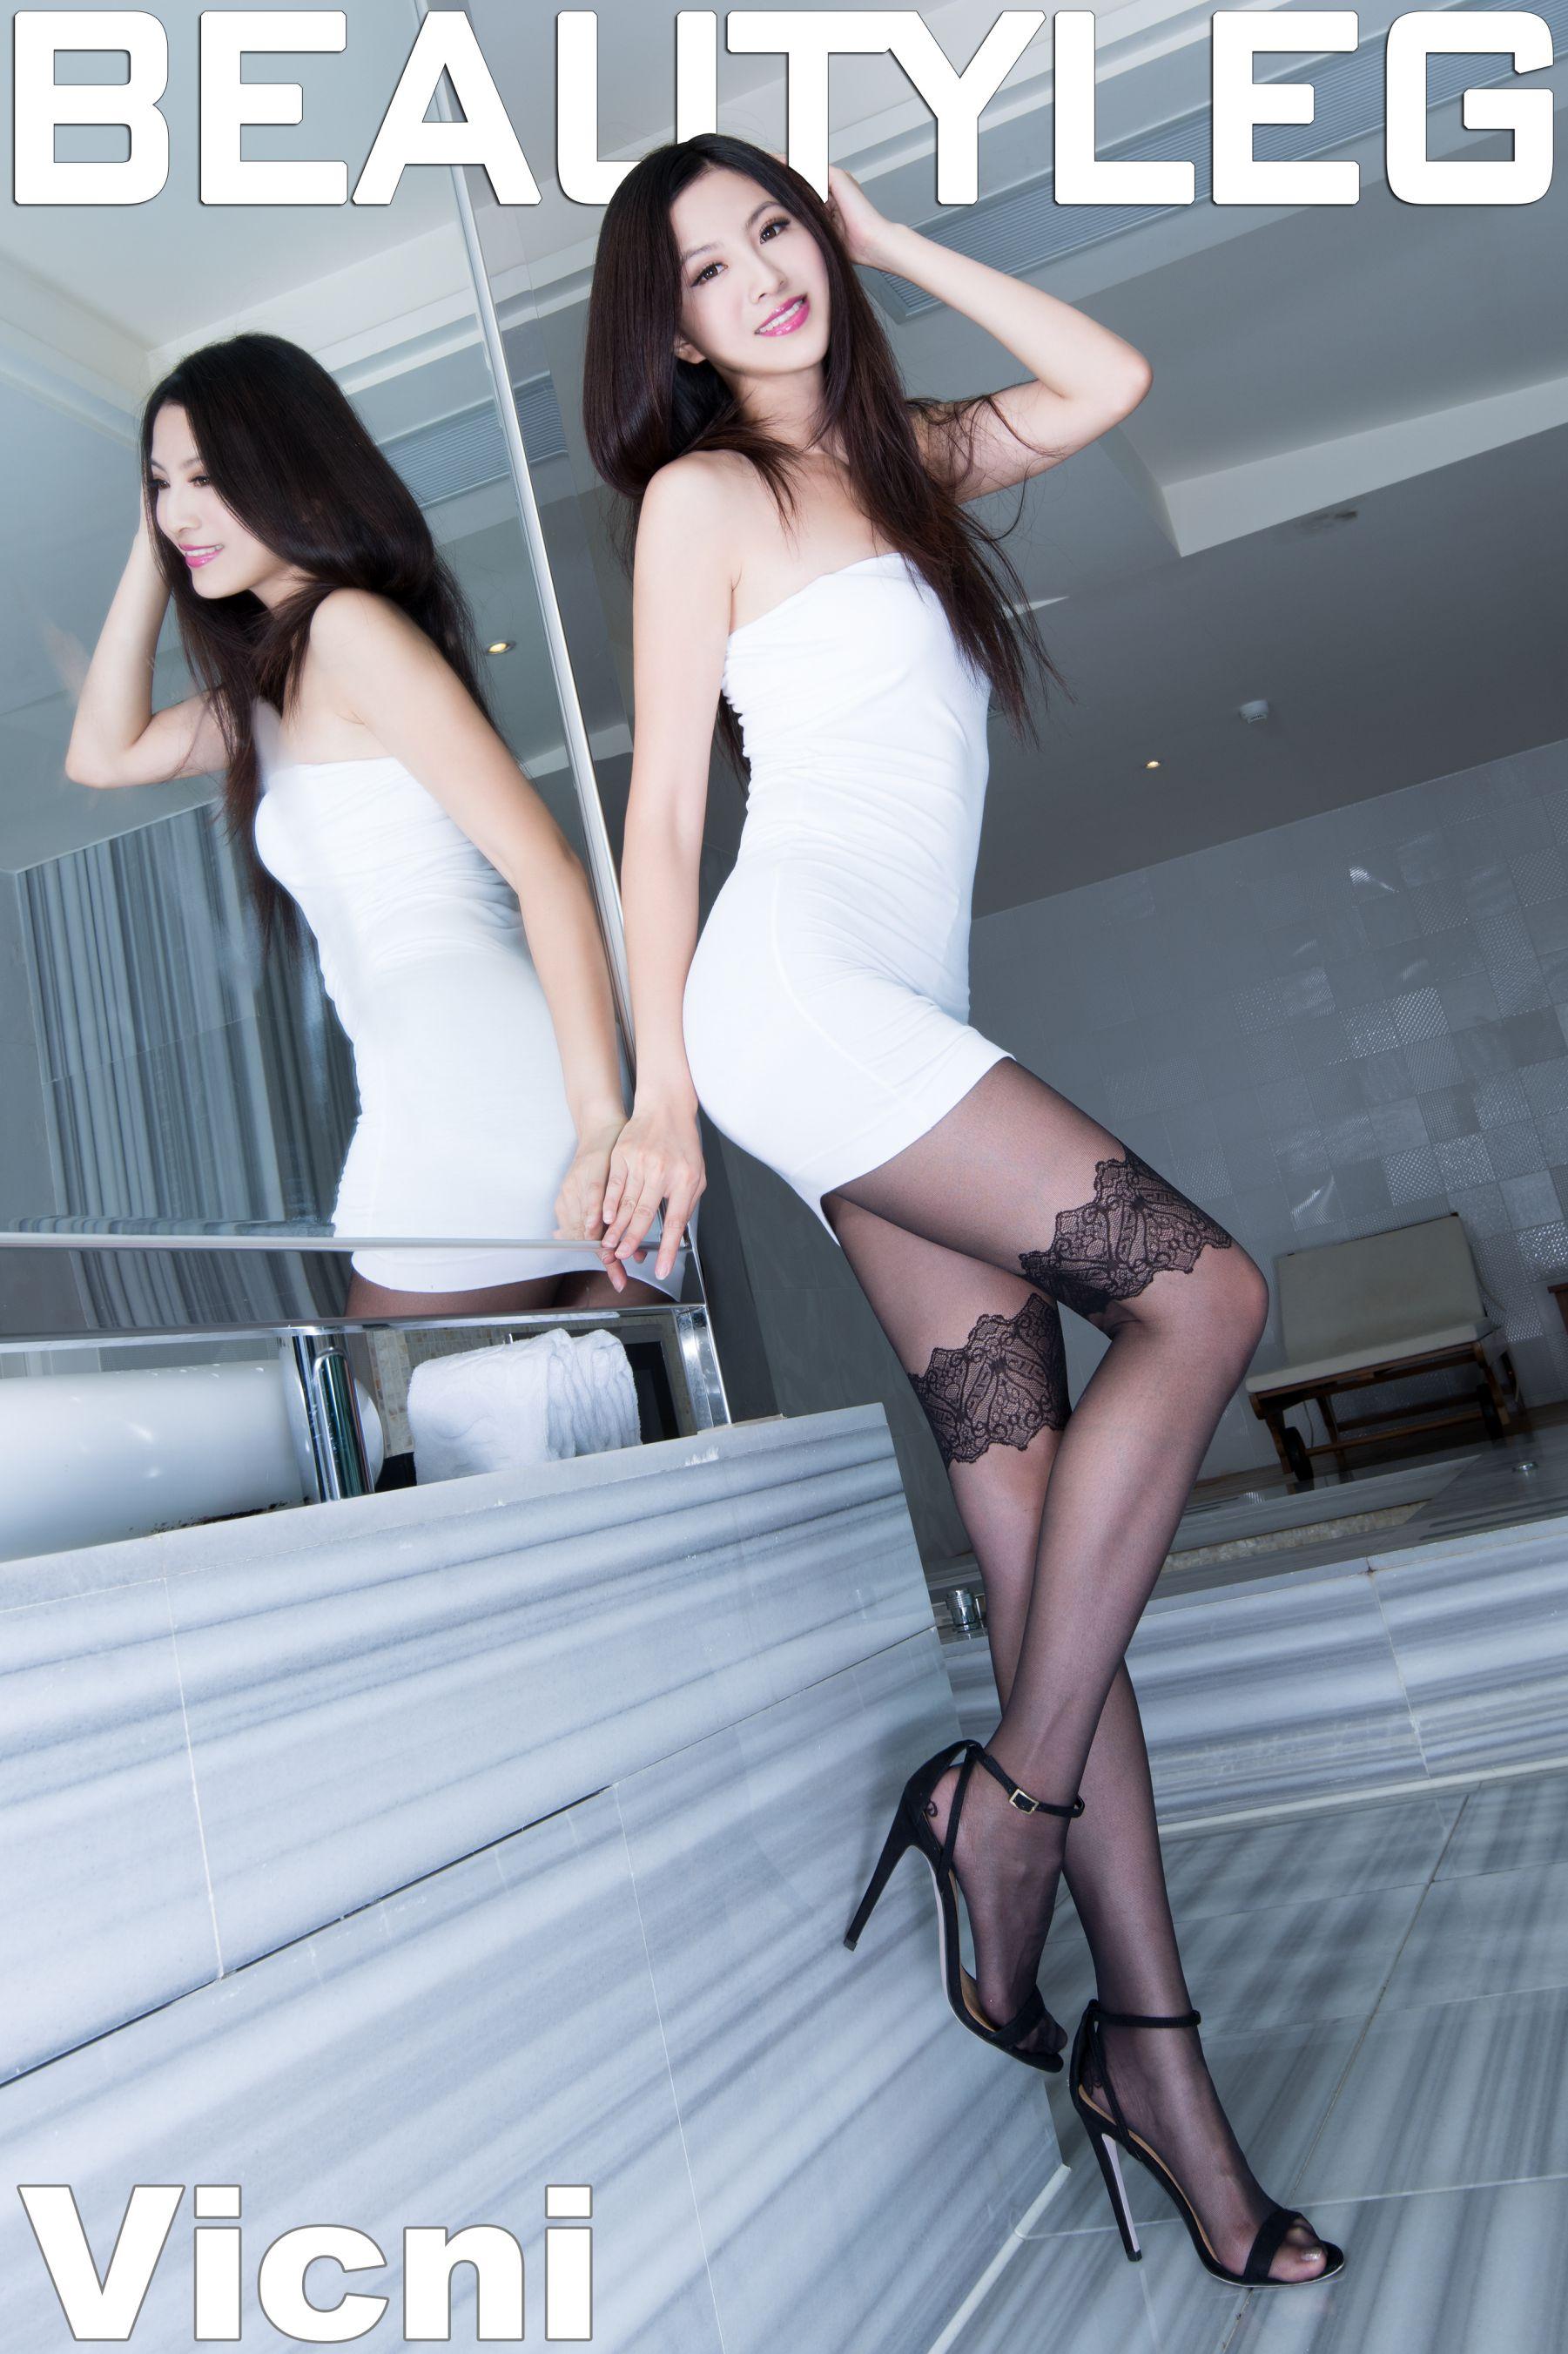 VOL.833 [Beautyleg]美腿:简晓育(腿模Vicni,晓育儿)高品质写真套图(56P)